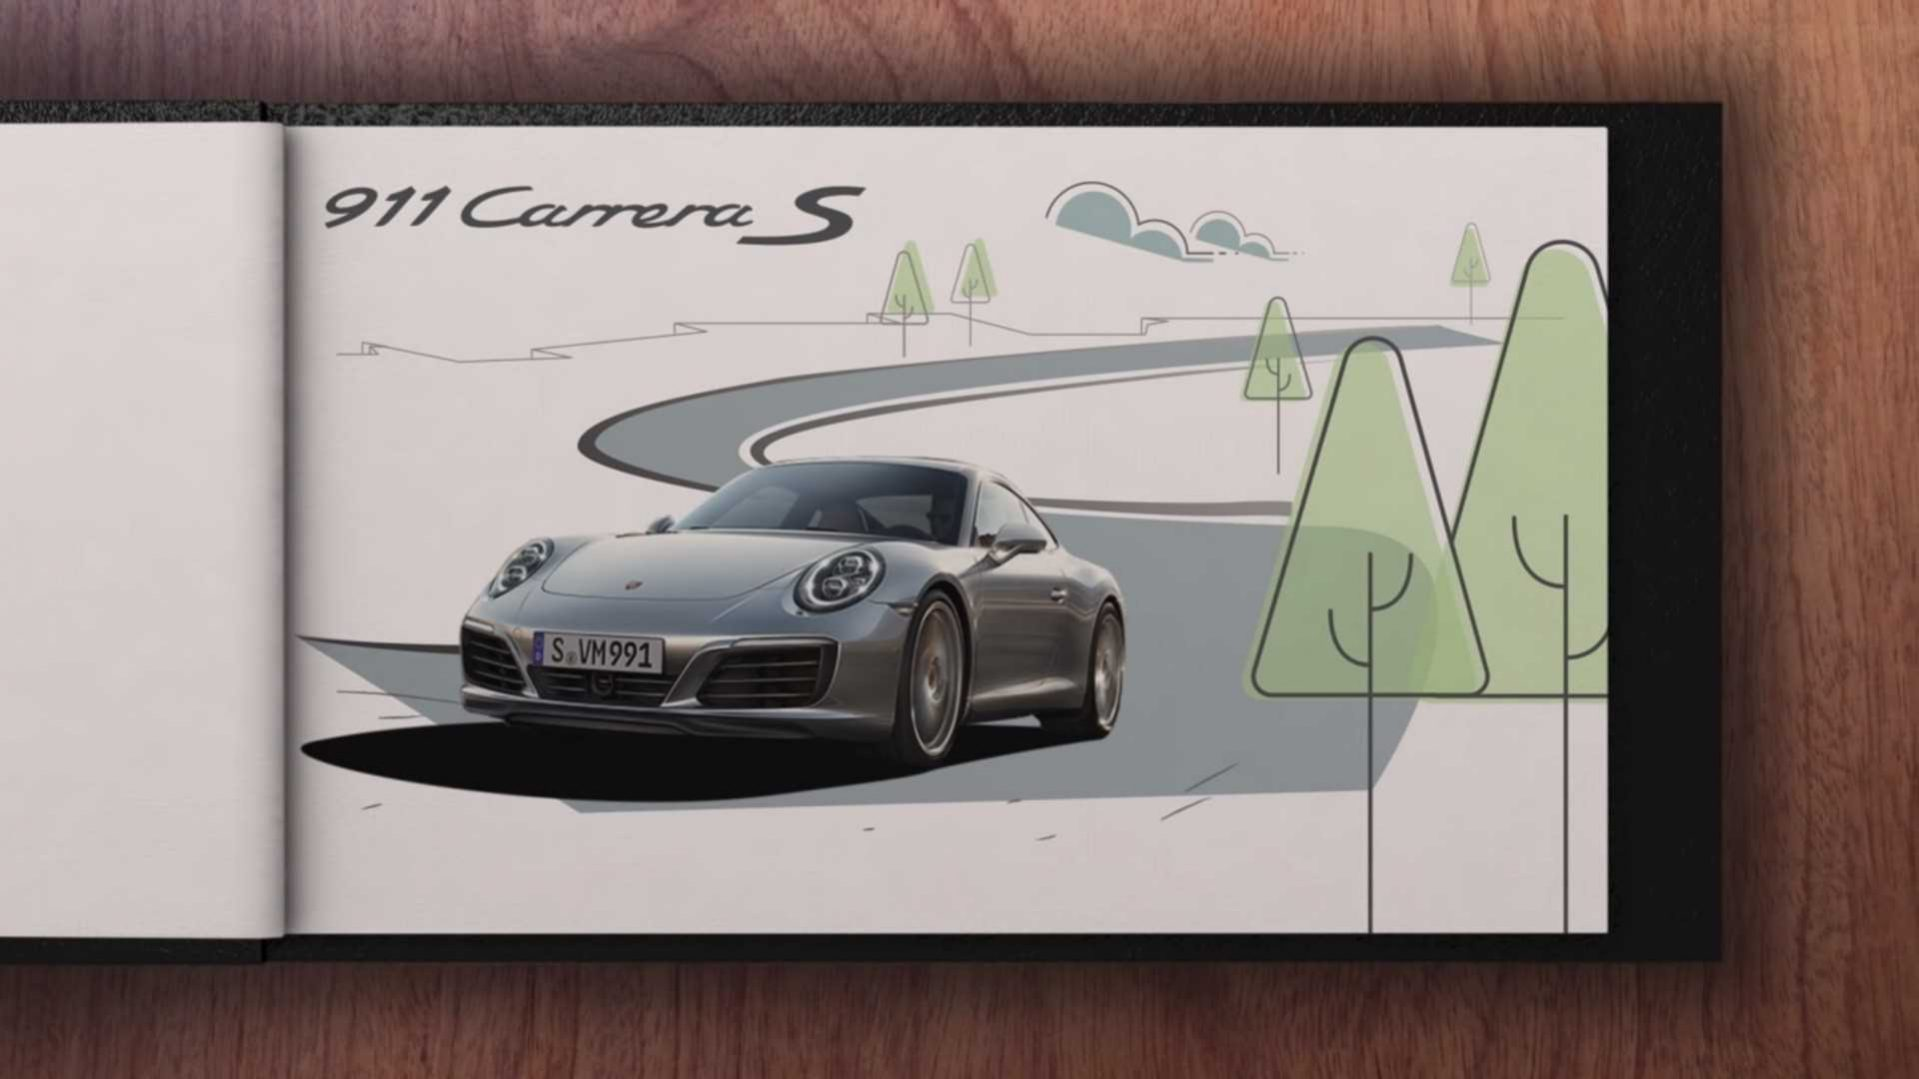 Porsche 911 Carrera S for Sale